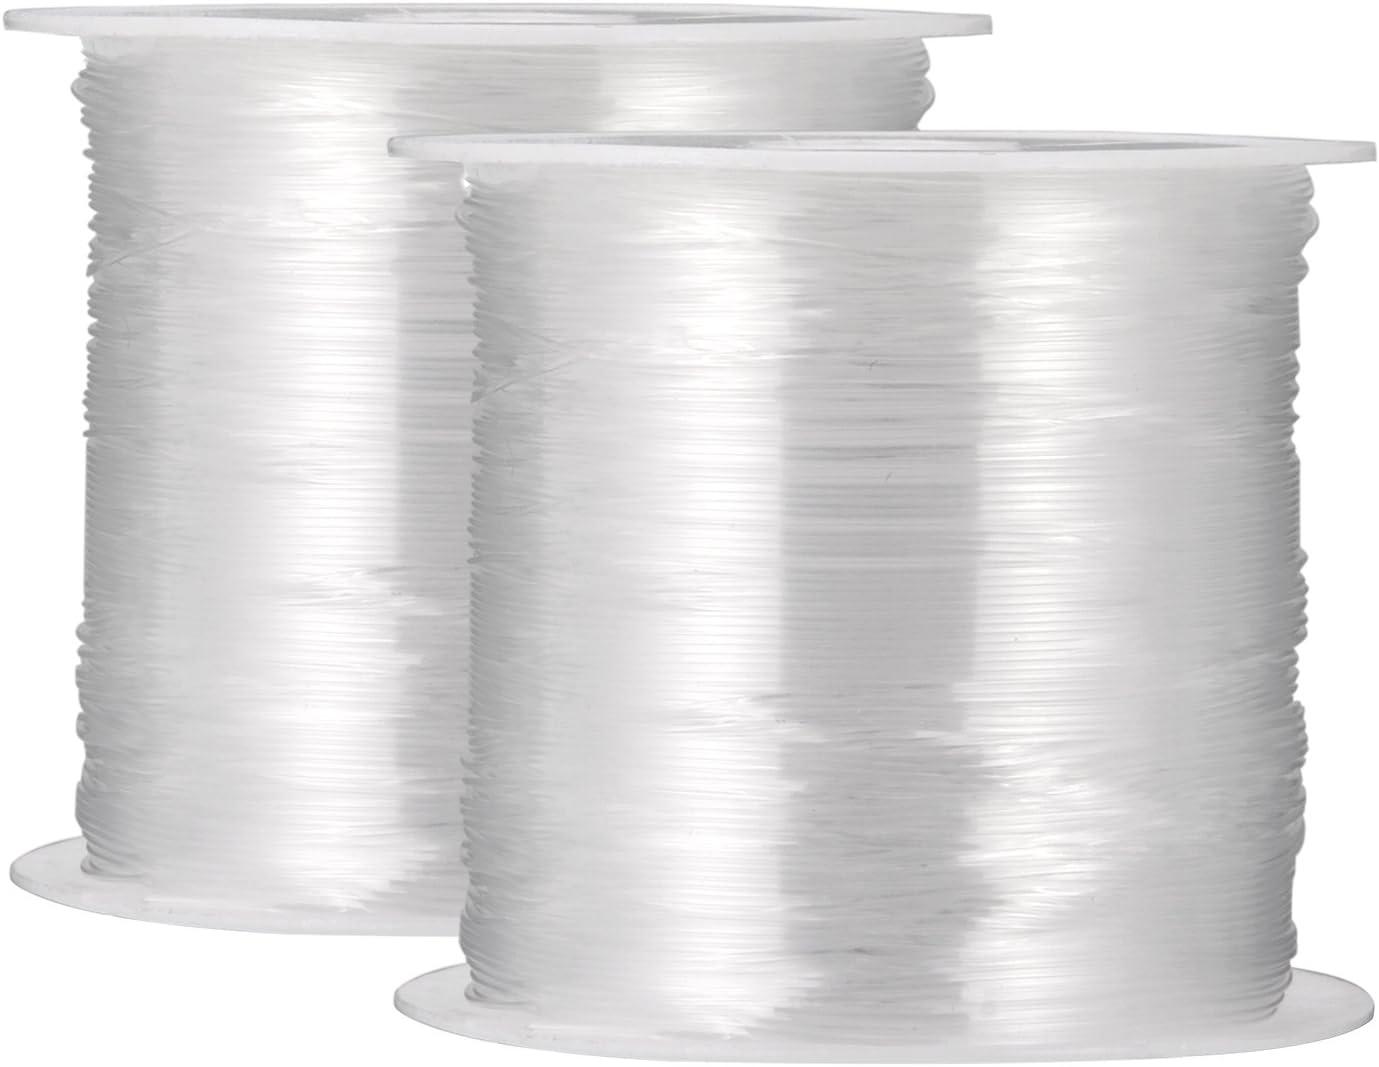 2 Piezas 0,4 mm Alambre de Nylon Transparente Hilo de Abalorios No Elástico para Abalorios Bisutería Pulsera y Artesanía, 45 Metros Cada